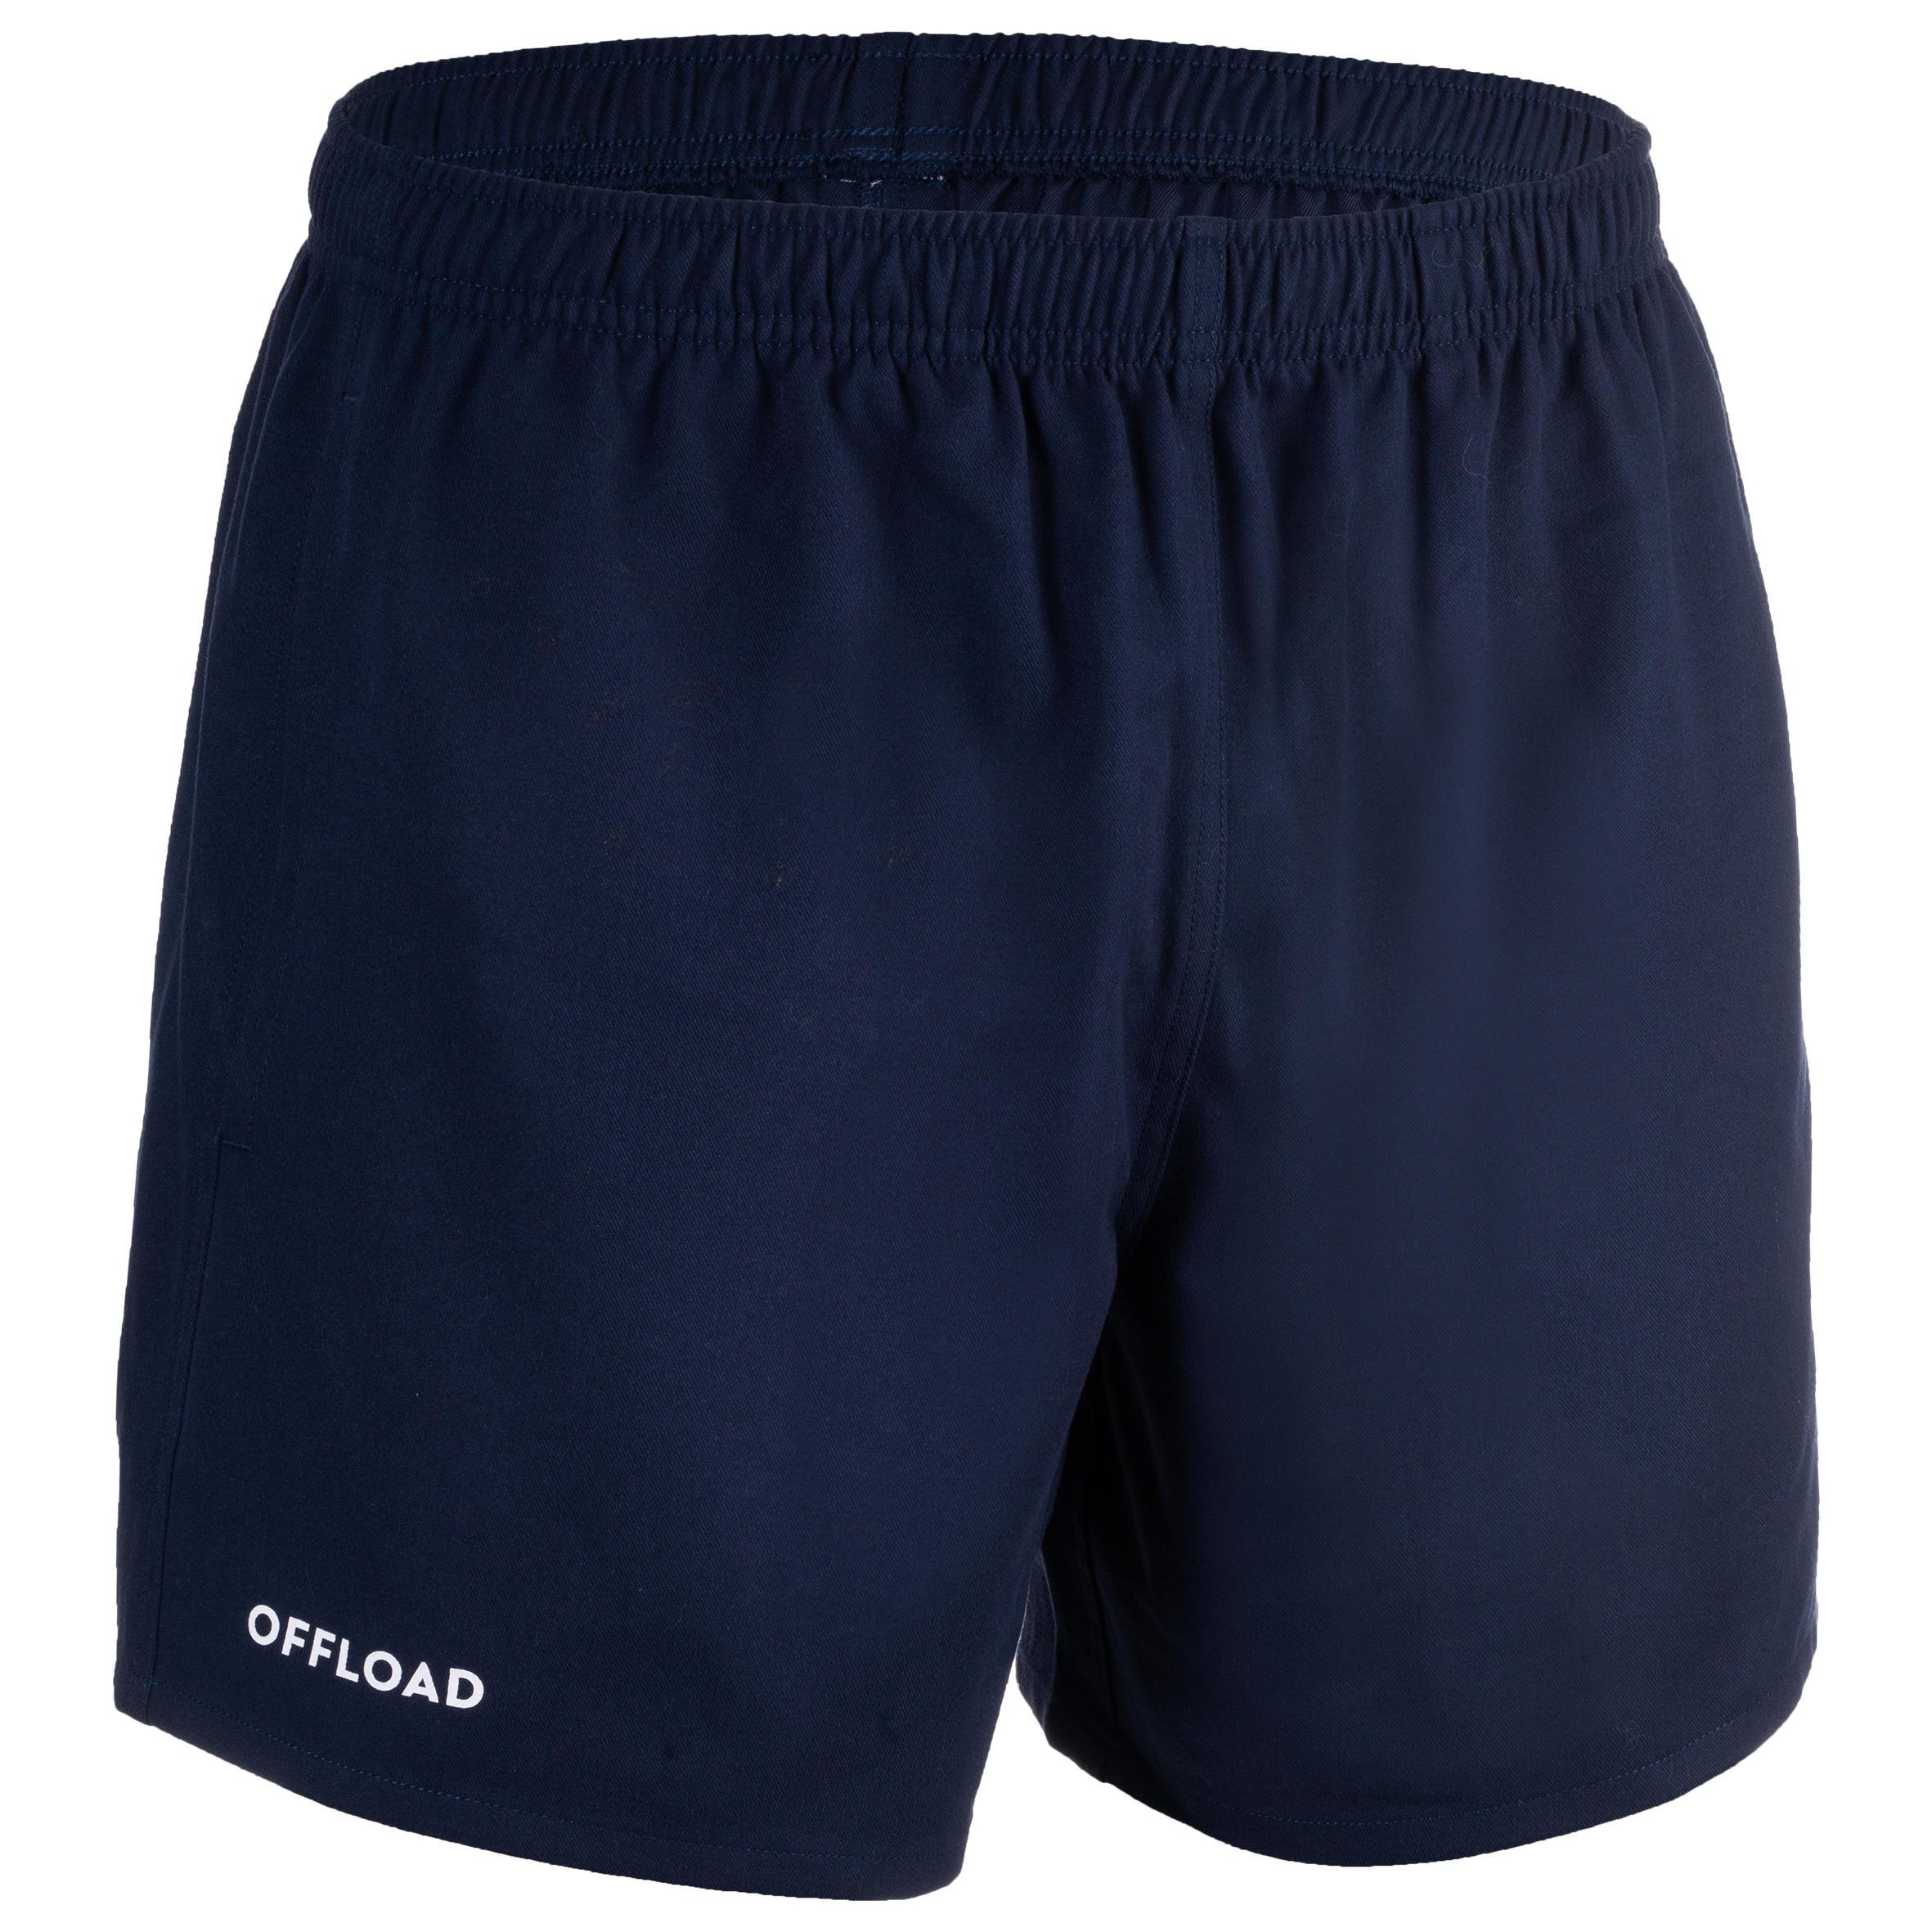 Rugbyshorts Club R100 ohne Tasche Erwachsene | Sportbekleidung > Sporthosen > Sportshorts | Offload